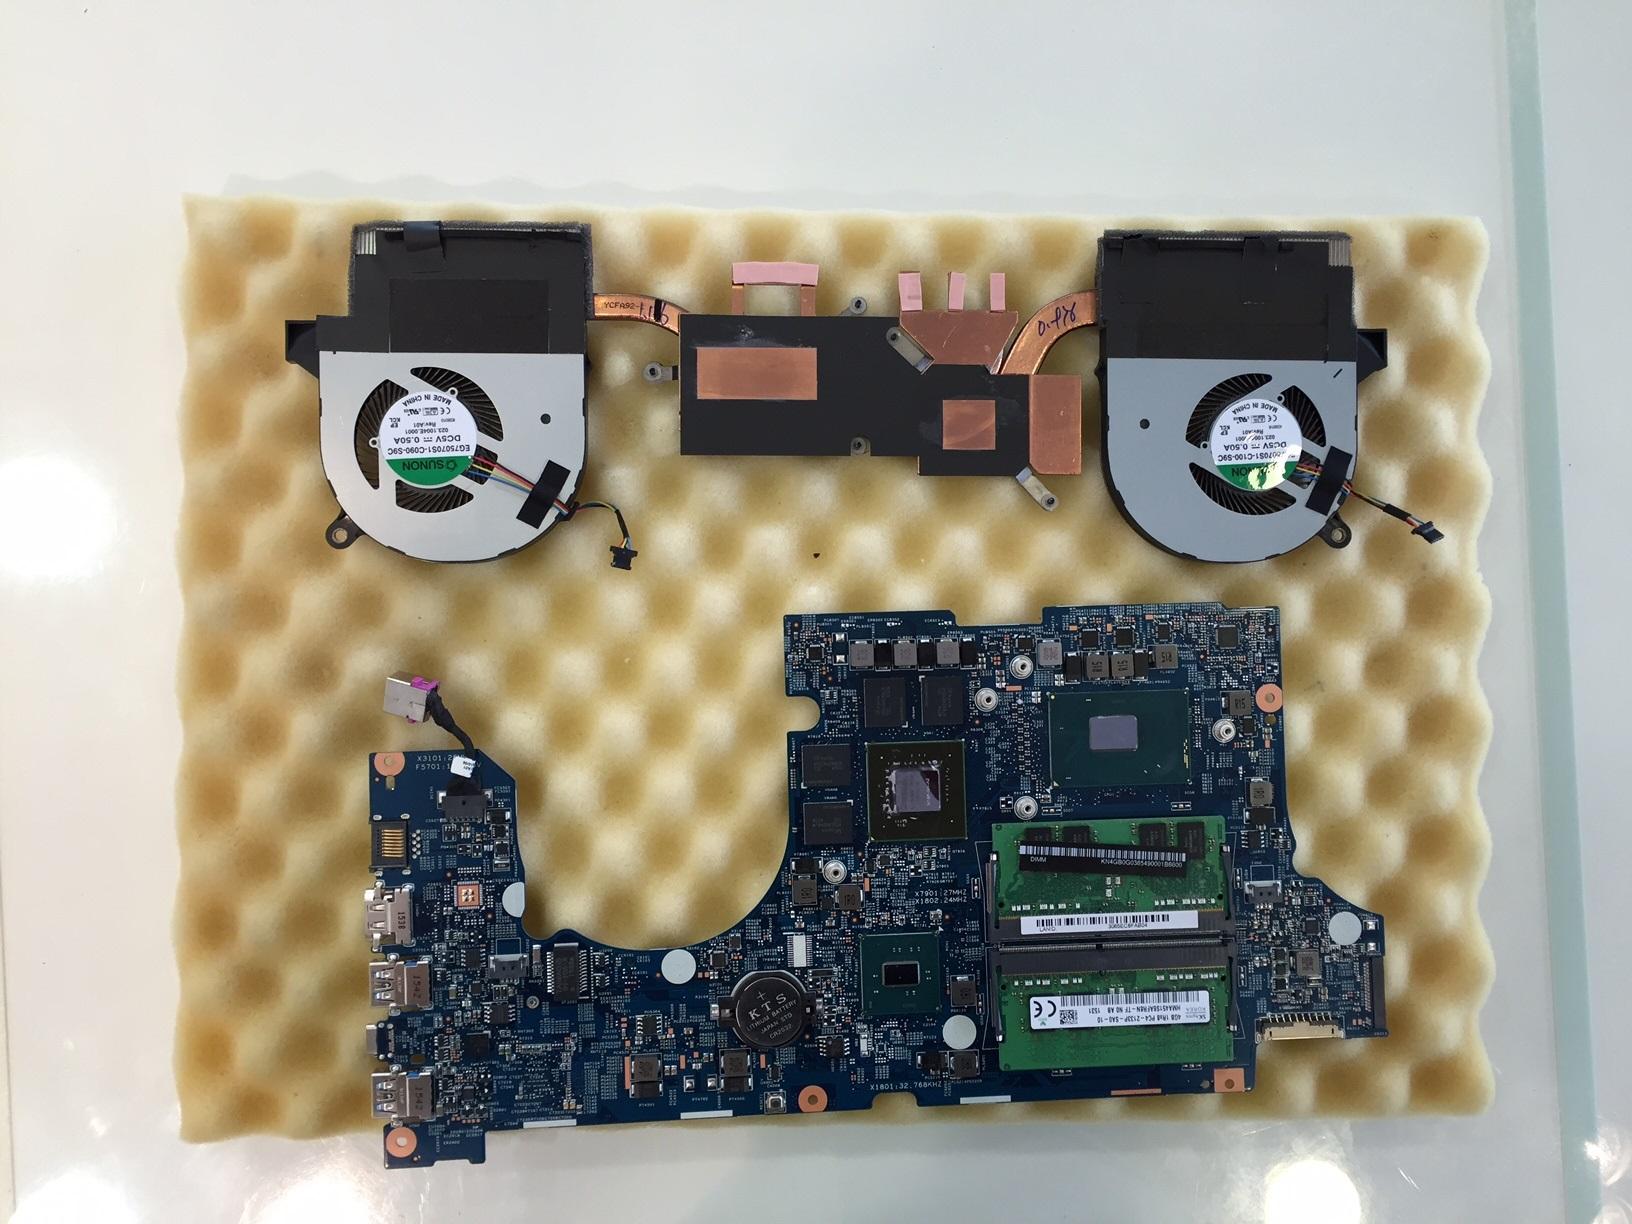 Dell Inspiron 7559 vs Asus N551VW vs Acer Aspire V Nitro VN7-592G teszt